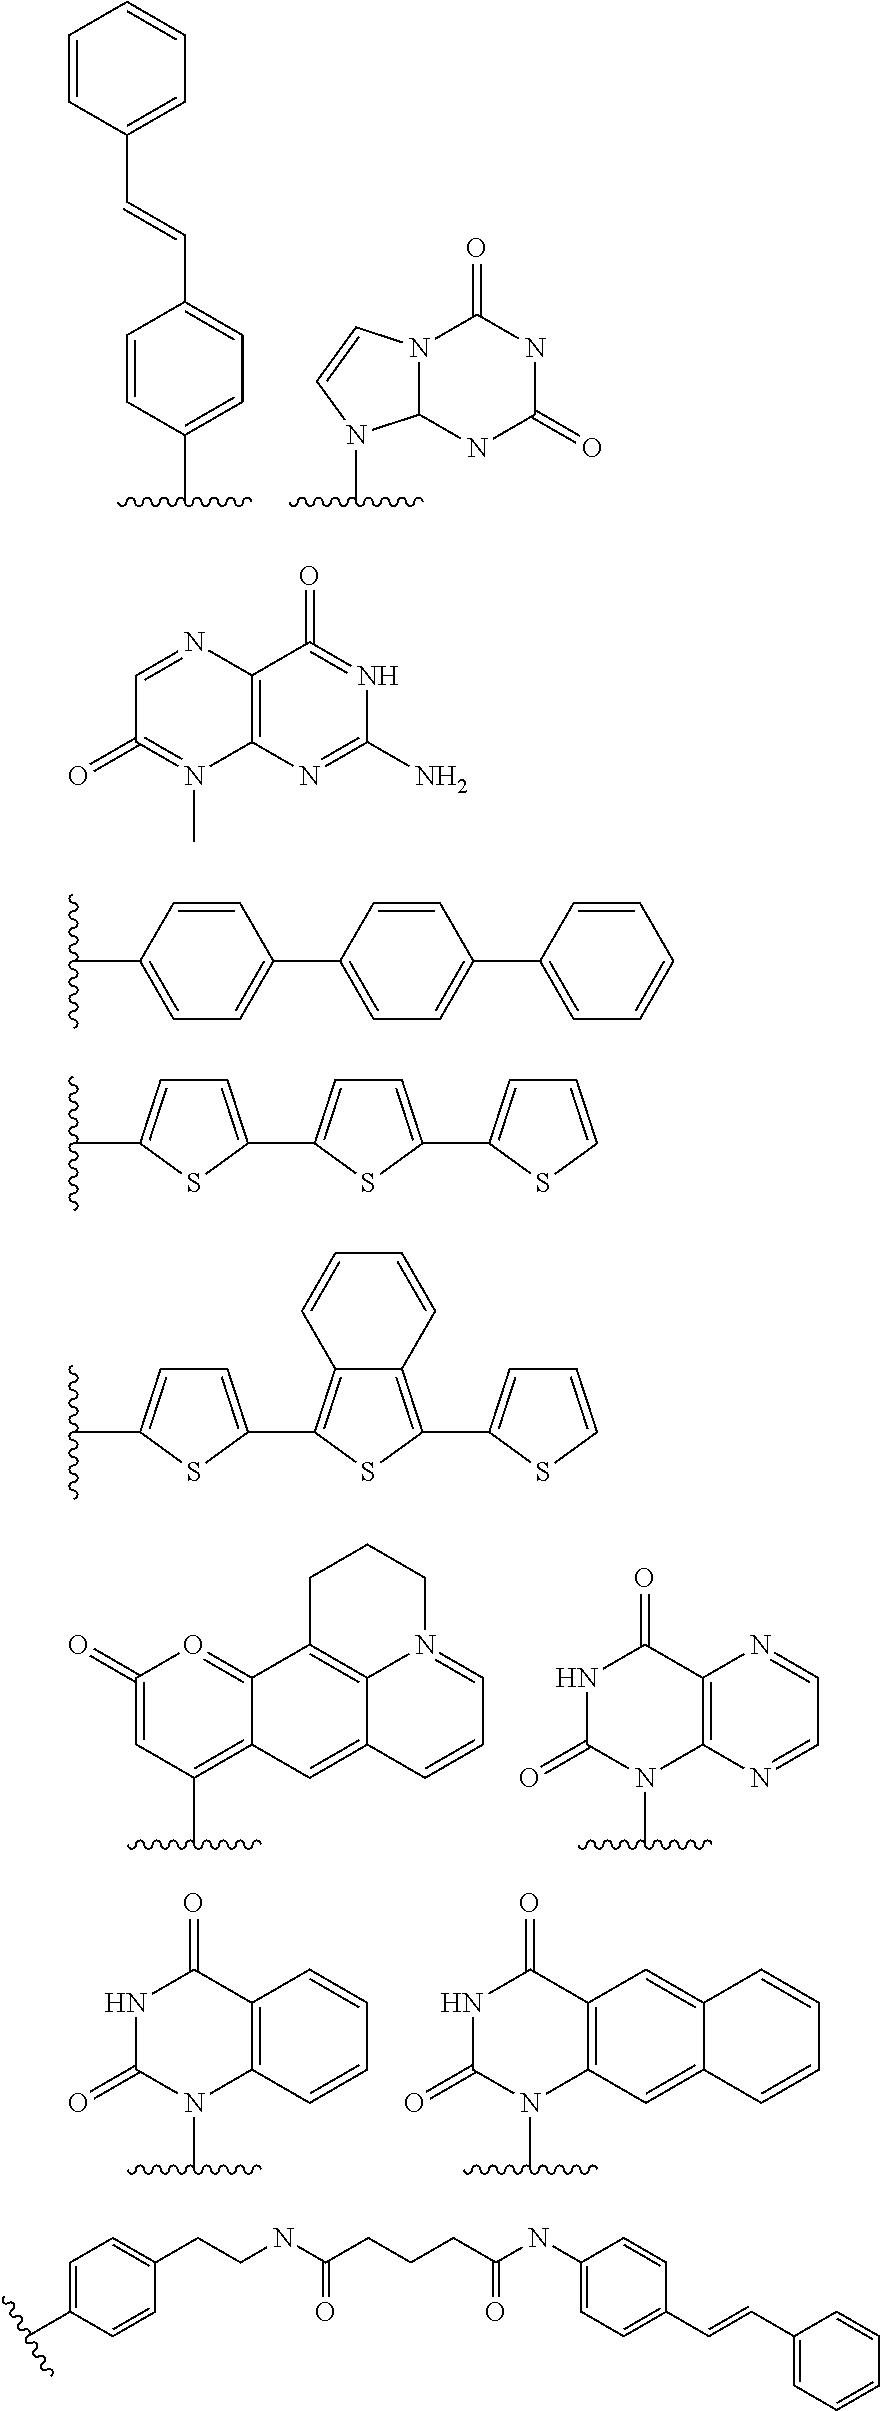 Figure US09695211-20170704-C00062